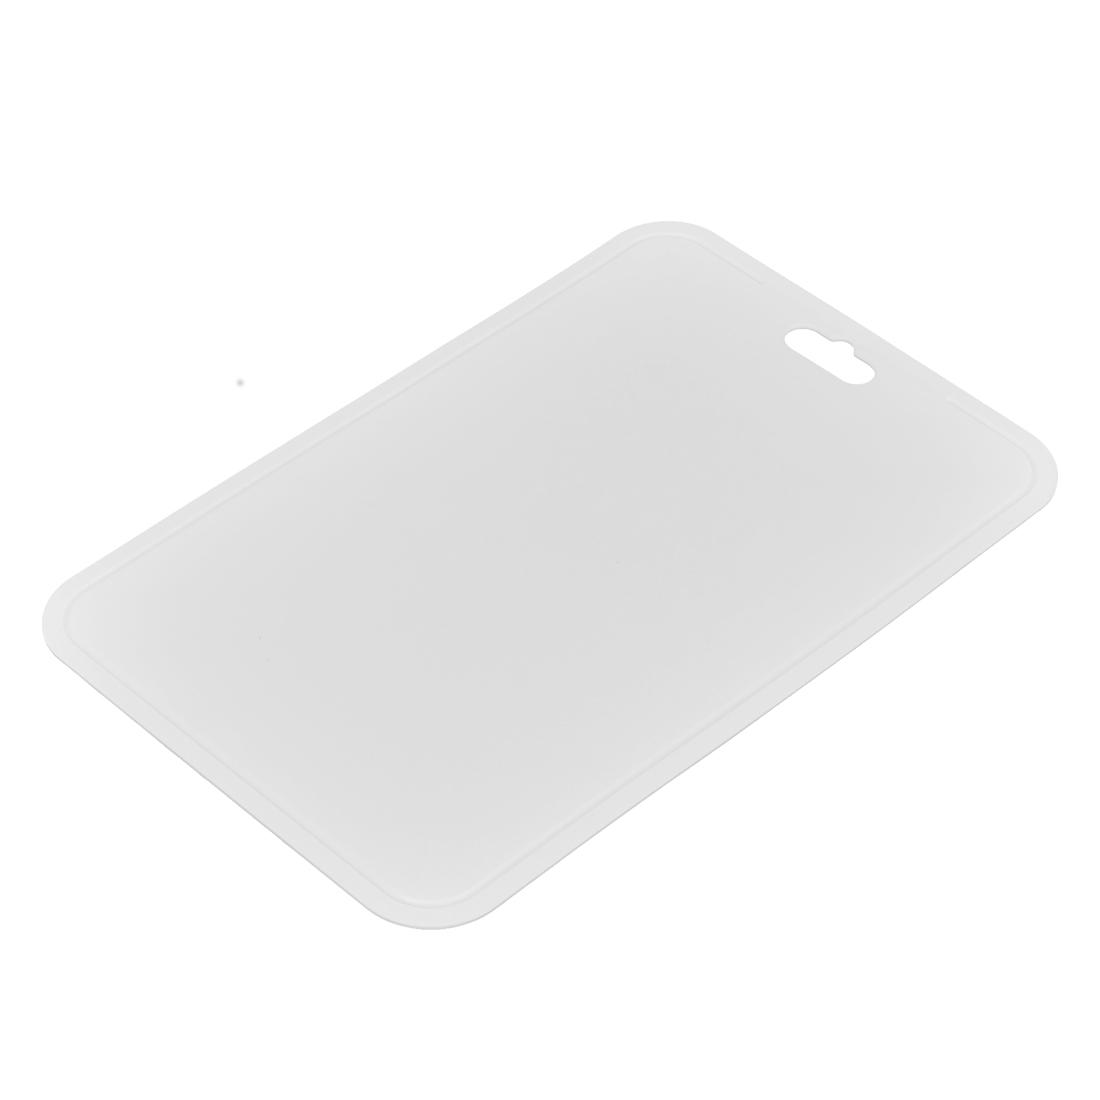 Kitchen Thin PE Flexible Cutting Mat White Chopping Board 210 x 325mm